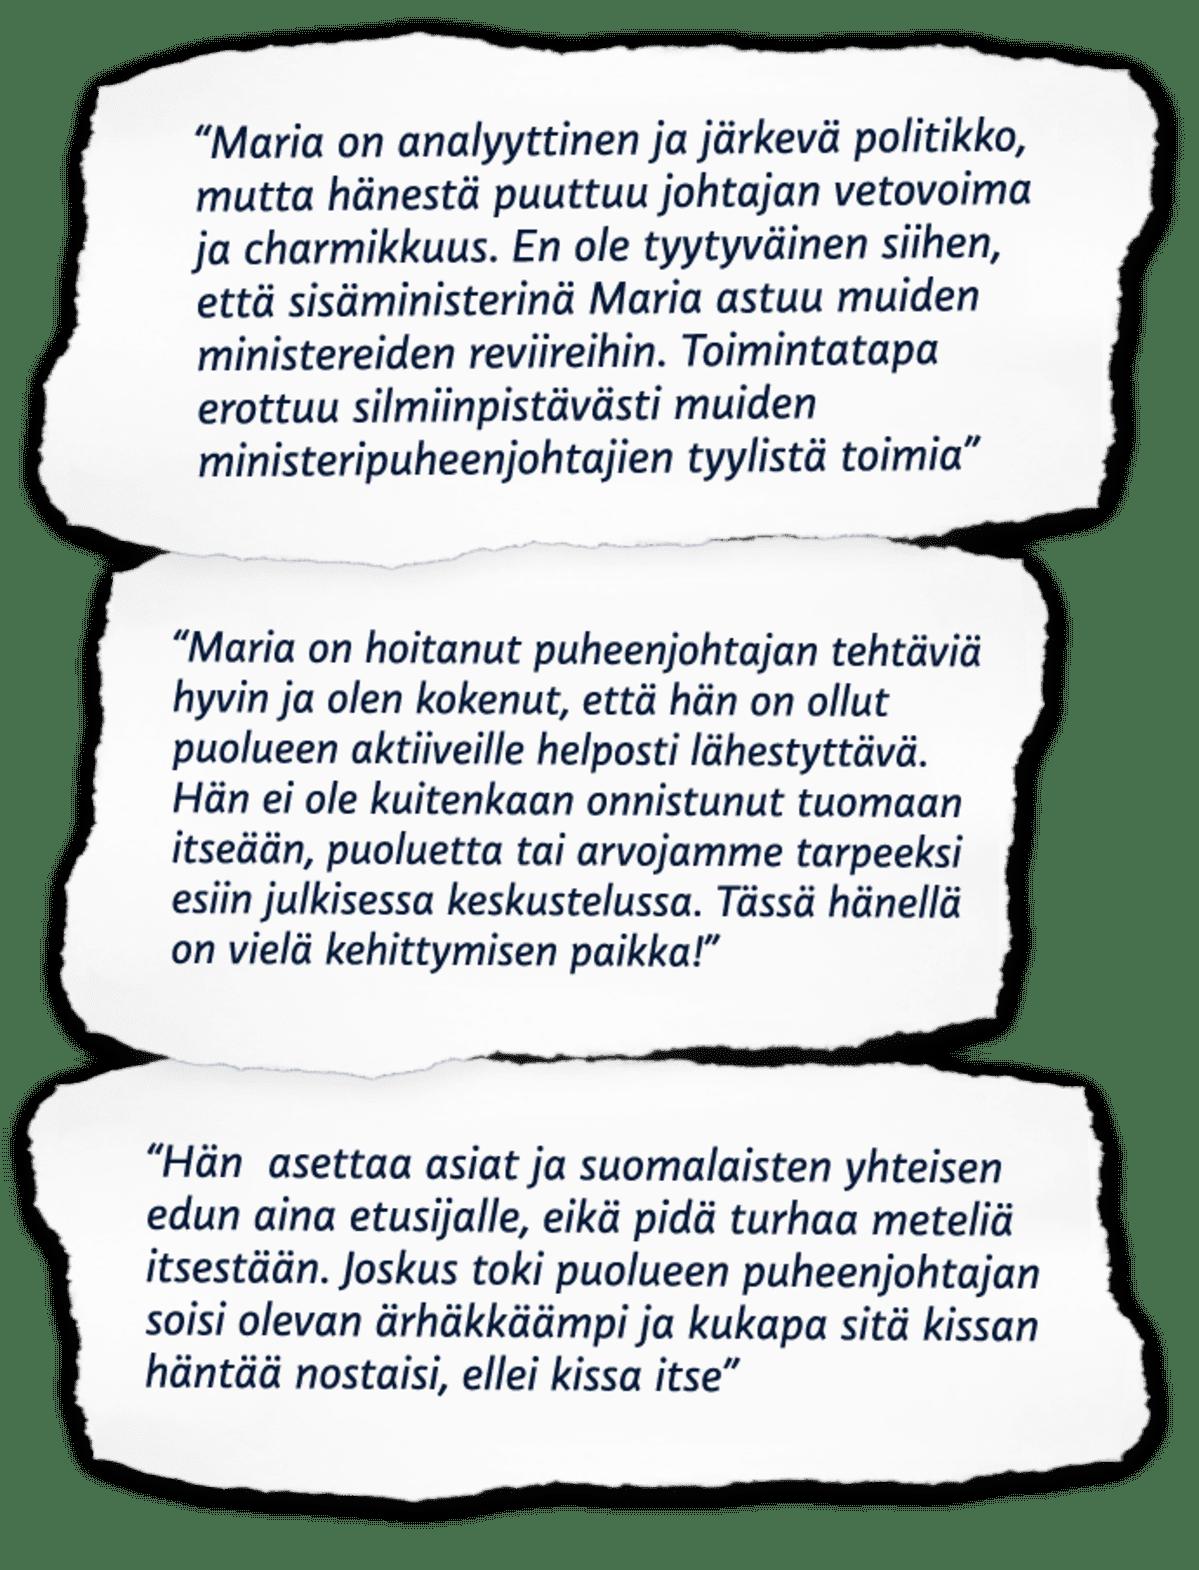 Vihreiden kritiikkiä Ohisalolle.